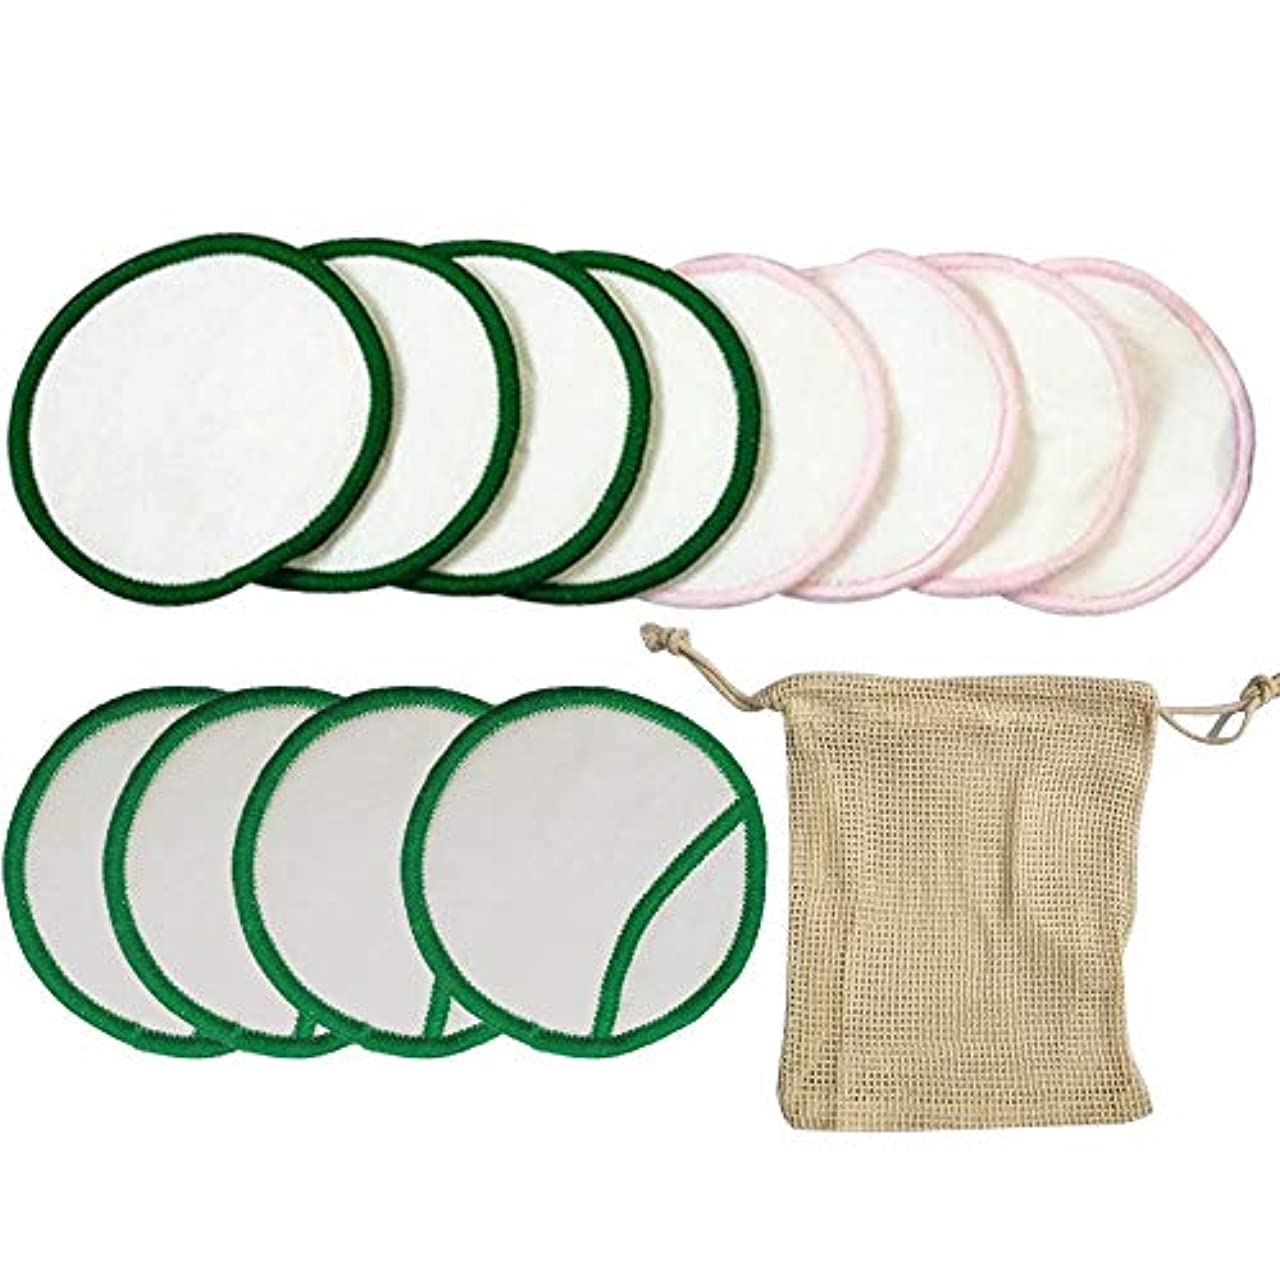 東ティモール思い出させる瞬時に12pcsメイクアップリムーバーパッド再利用可能な洗濯可能な3層竹フェイシャルクレンジングコットンワイプスキンケア用品用収納バッグ付き